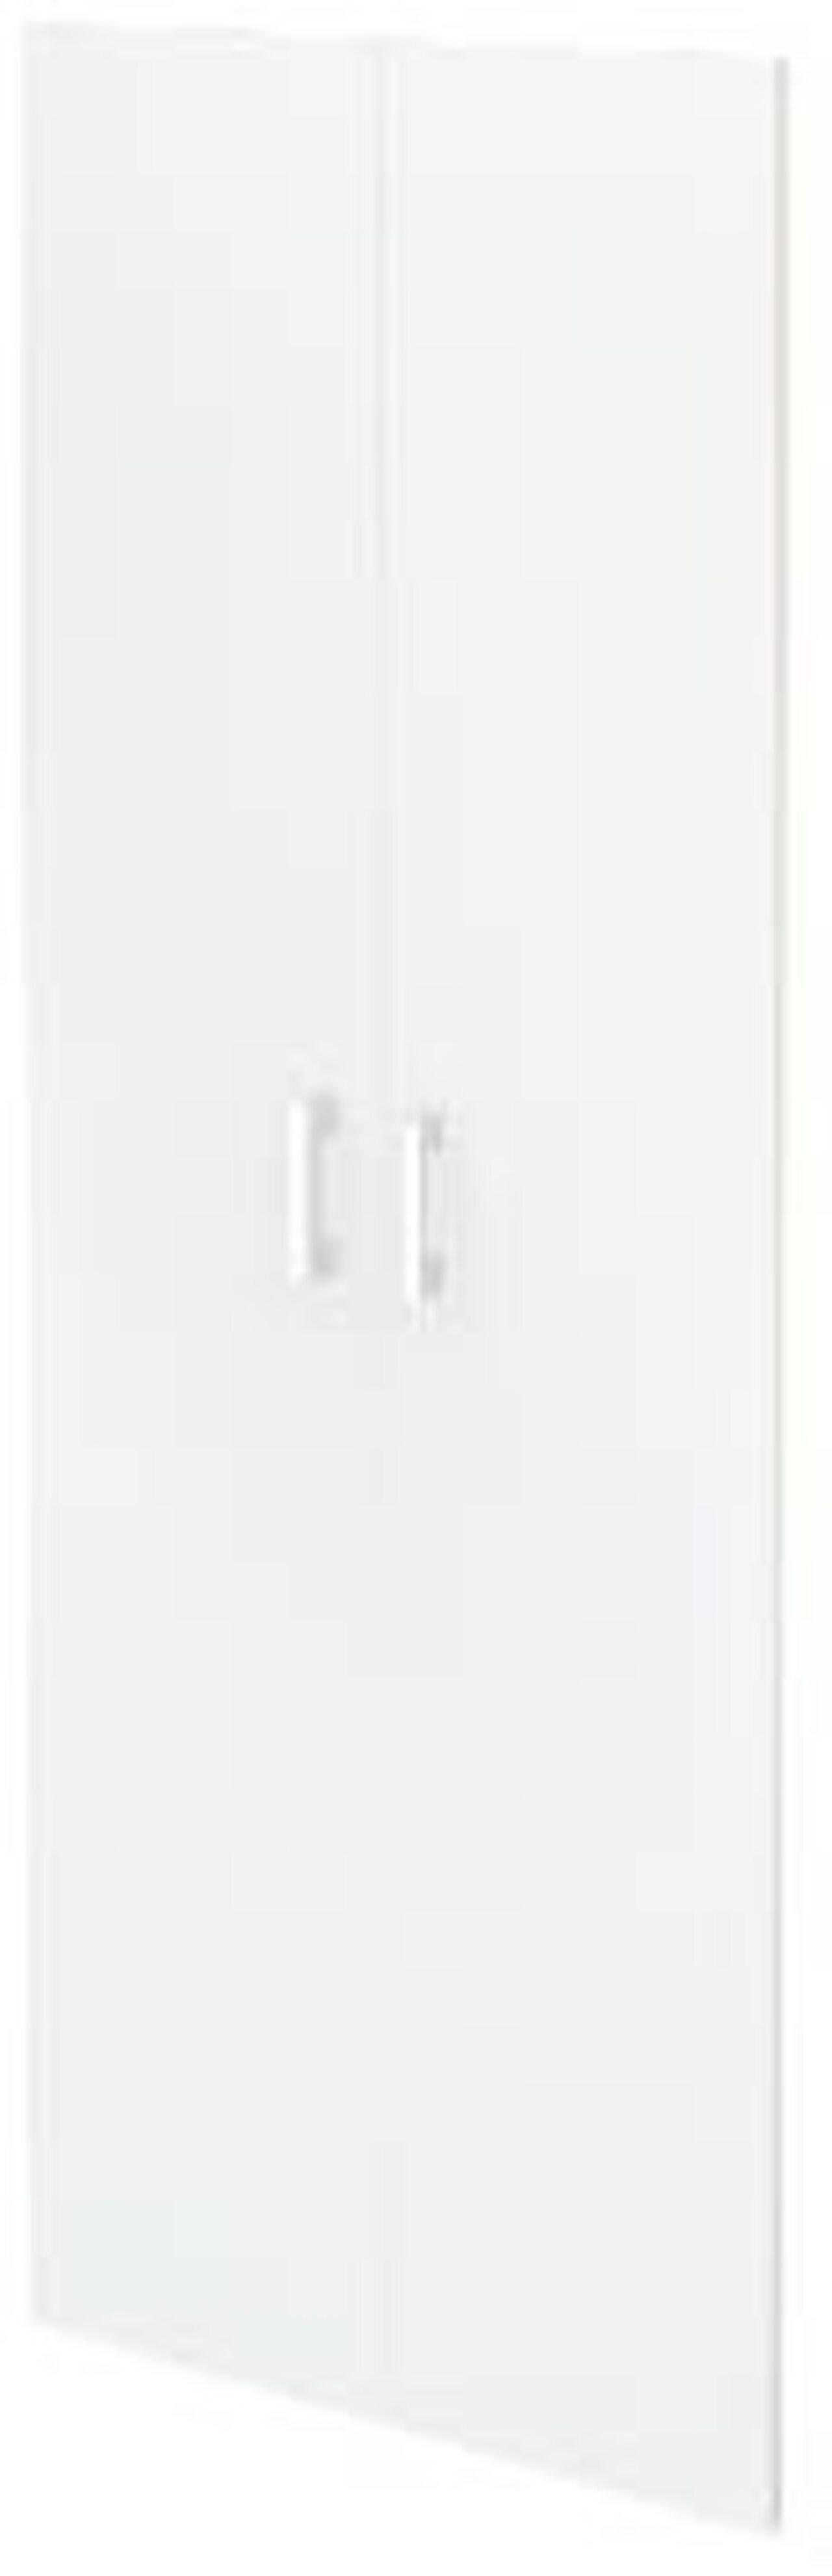 Двери для широких стеллажей  Арго 71x2x115 - фото 5